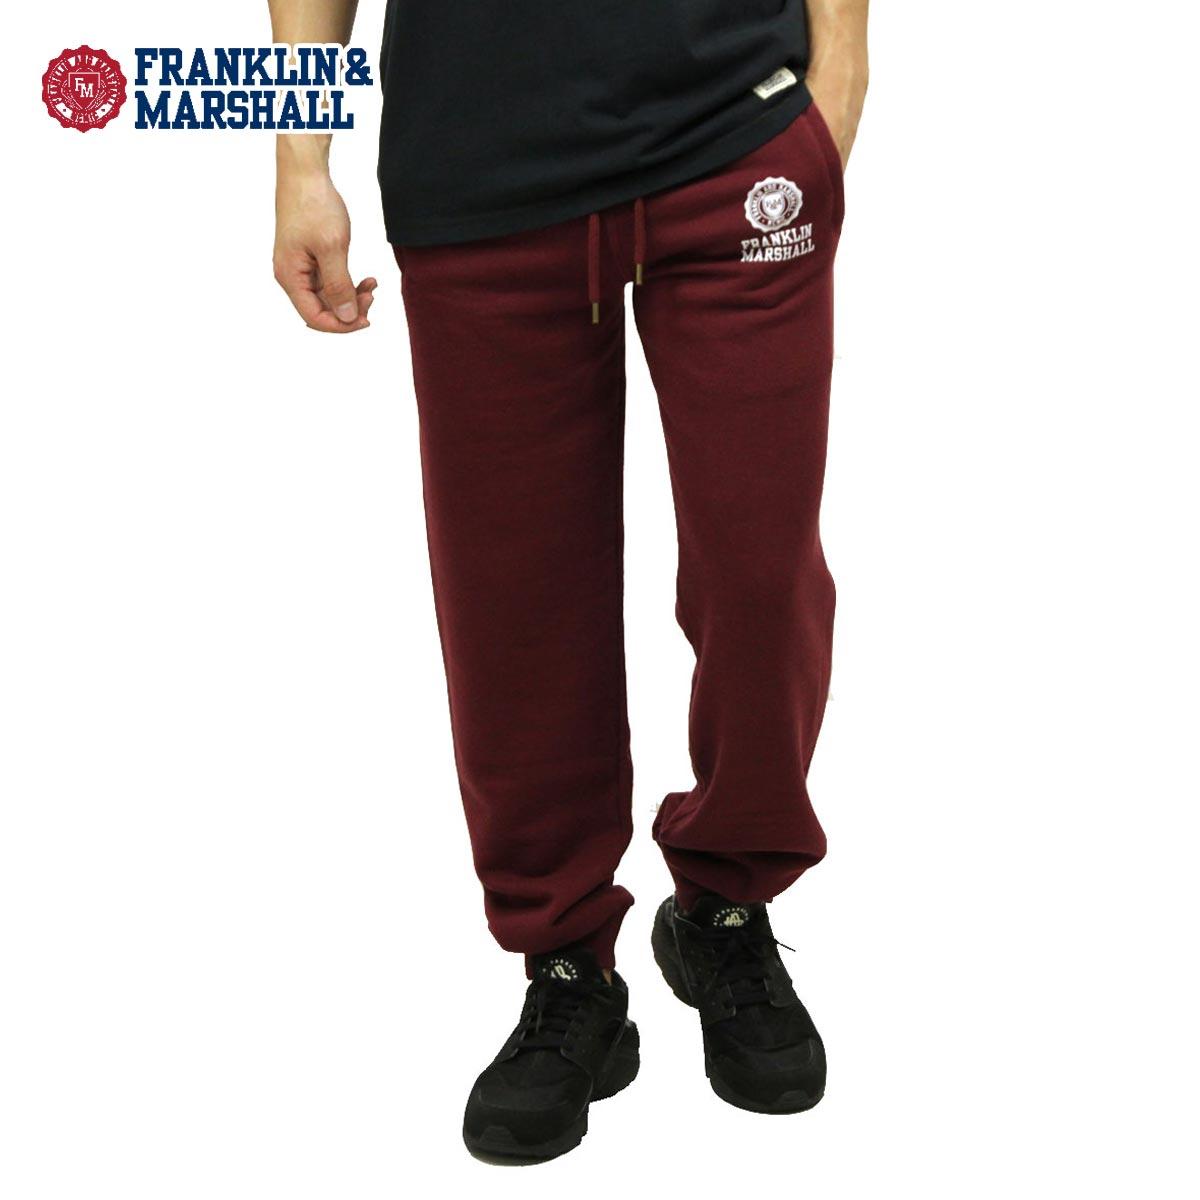 【販売期間 1/18 10:00〜1/22 9:59】 フランクリン マーシャル FRANKLIN&MARSHALL 正規販売店 メンズ スウェットパンツ SWEAT PANTS BORDEAUX PAMCA310 2002